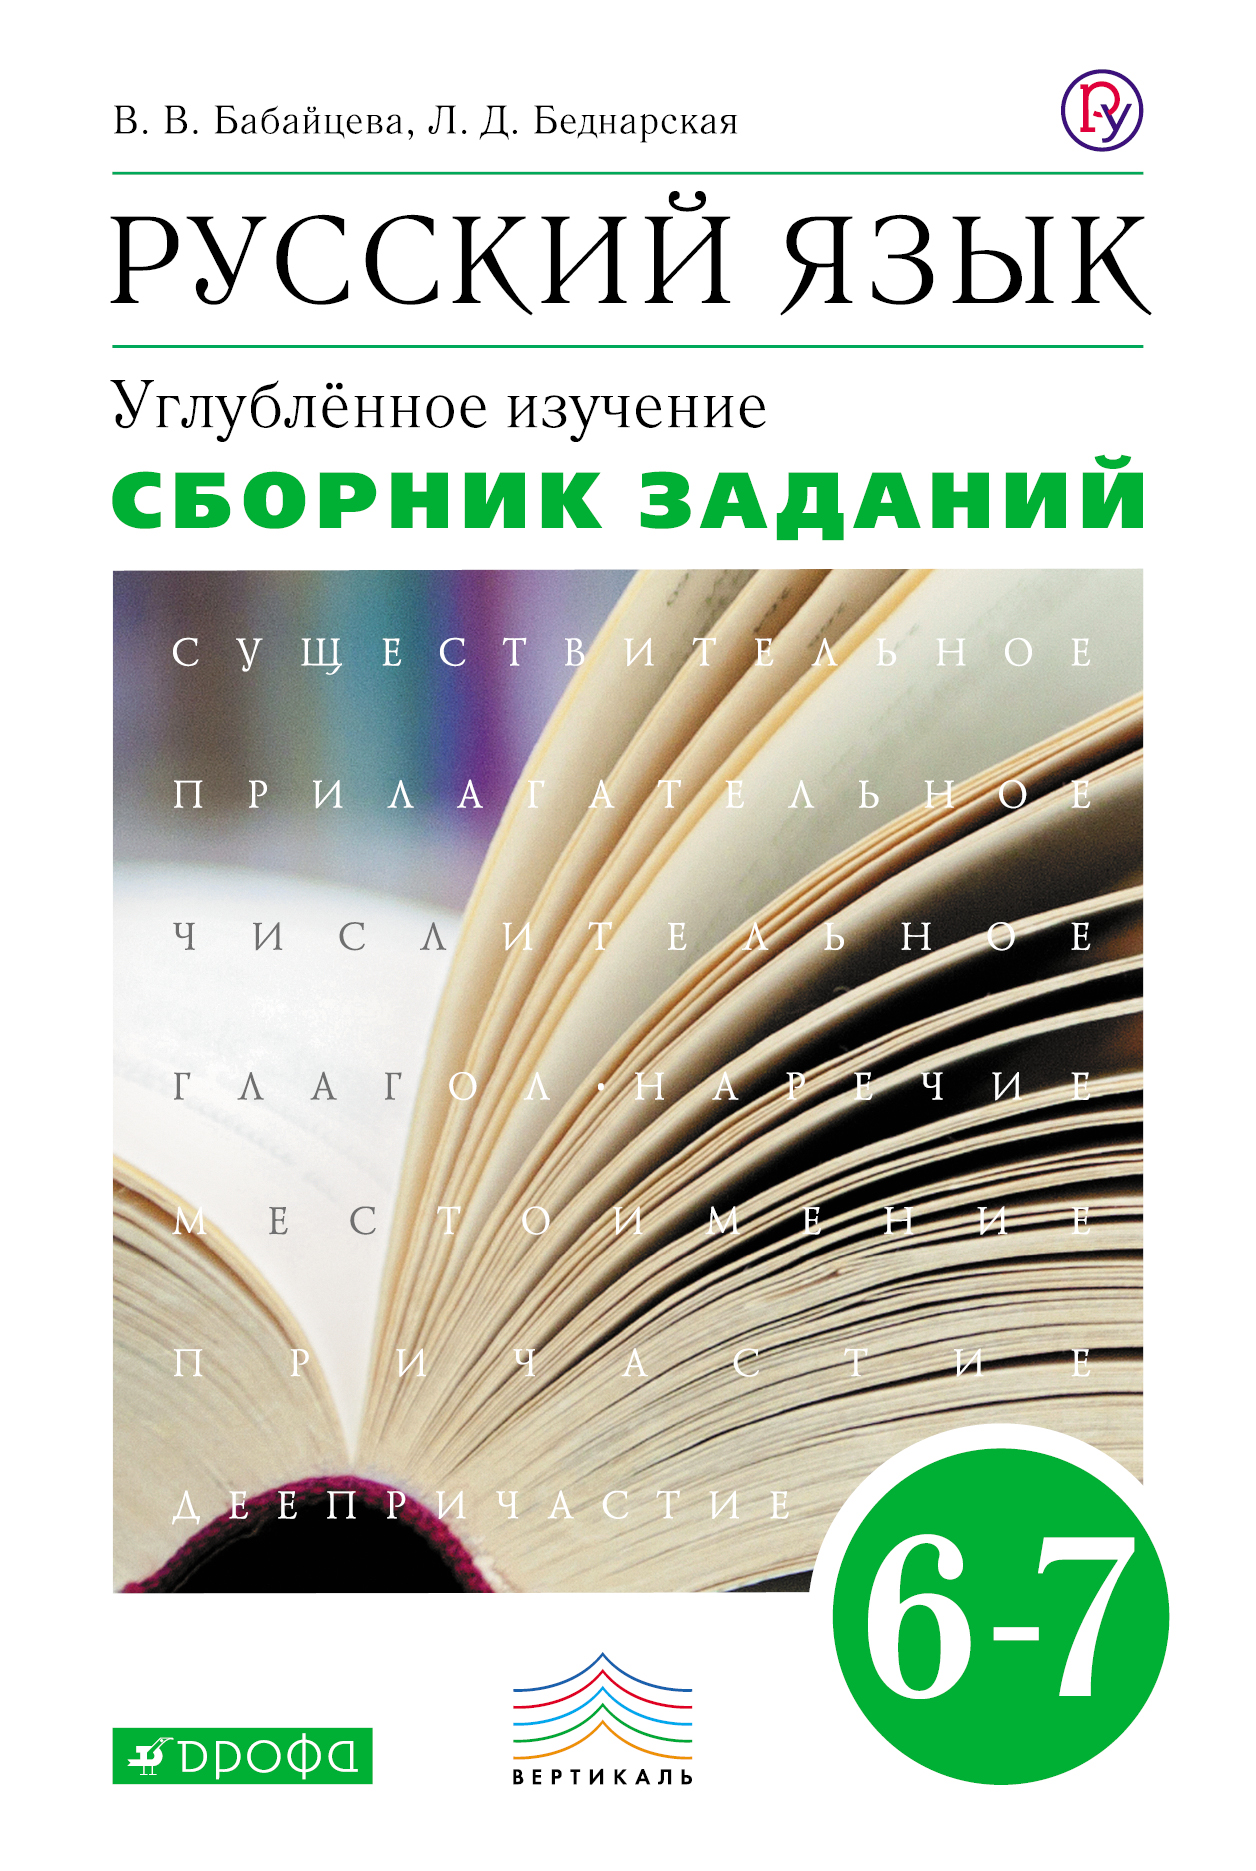 Гдз по русскому языку 9 класса бабайцева спиши